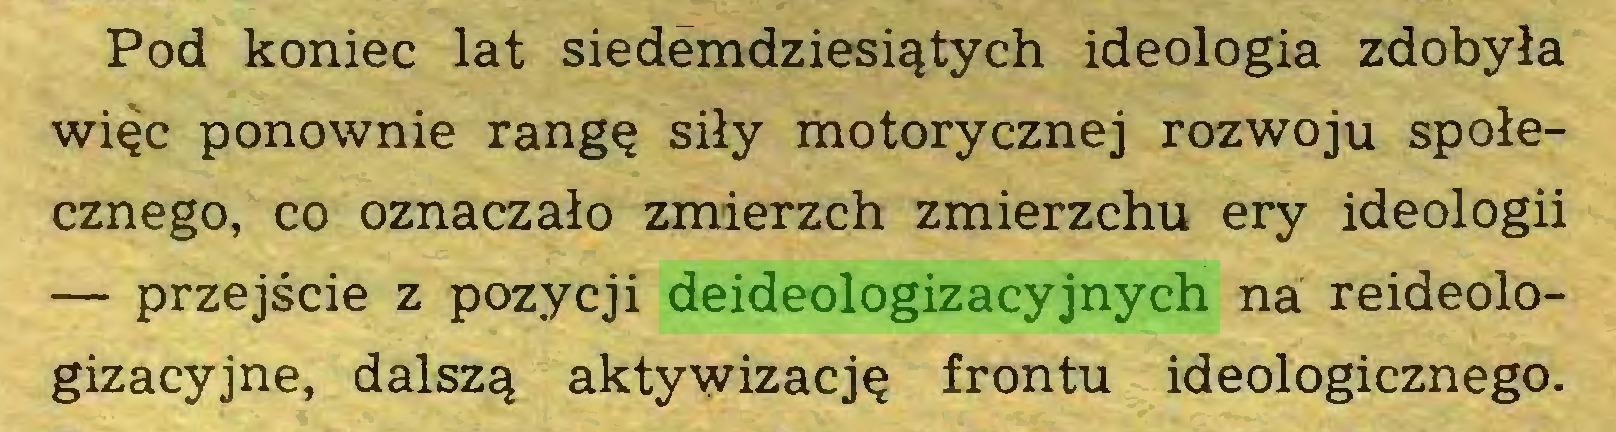 (...) Pod koniec lat siedemdziesiątych ideologia zdobyła więc ponownie rangę siły motorycznej rozwoju społecznego, co oznaczało zmierzch zmierzchu ery ideologii — przejście z pozycji deideologizacyjnych na reideologizacyjne, dalszą aktywizację frontu ideologicznego...